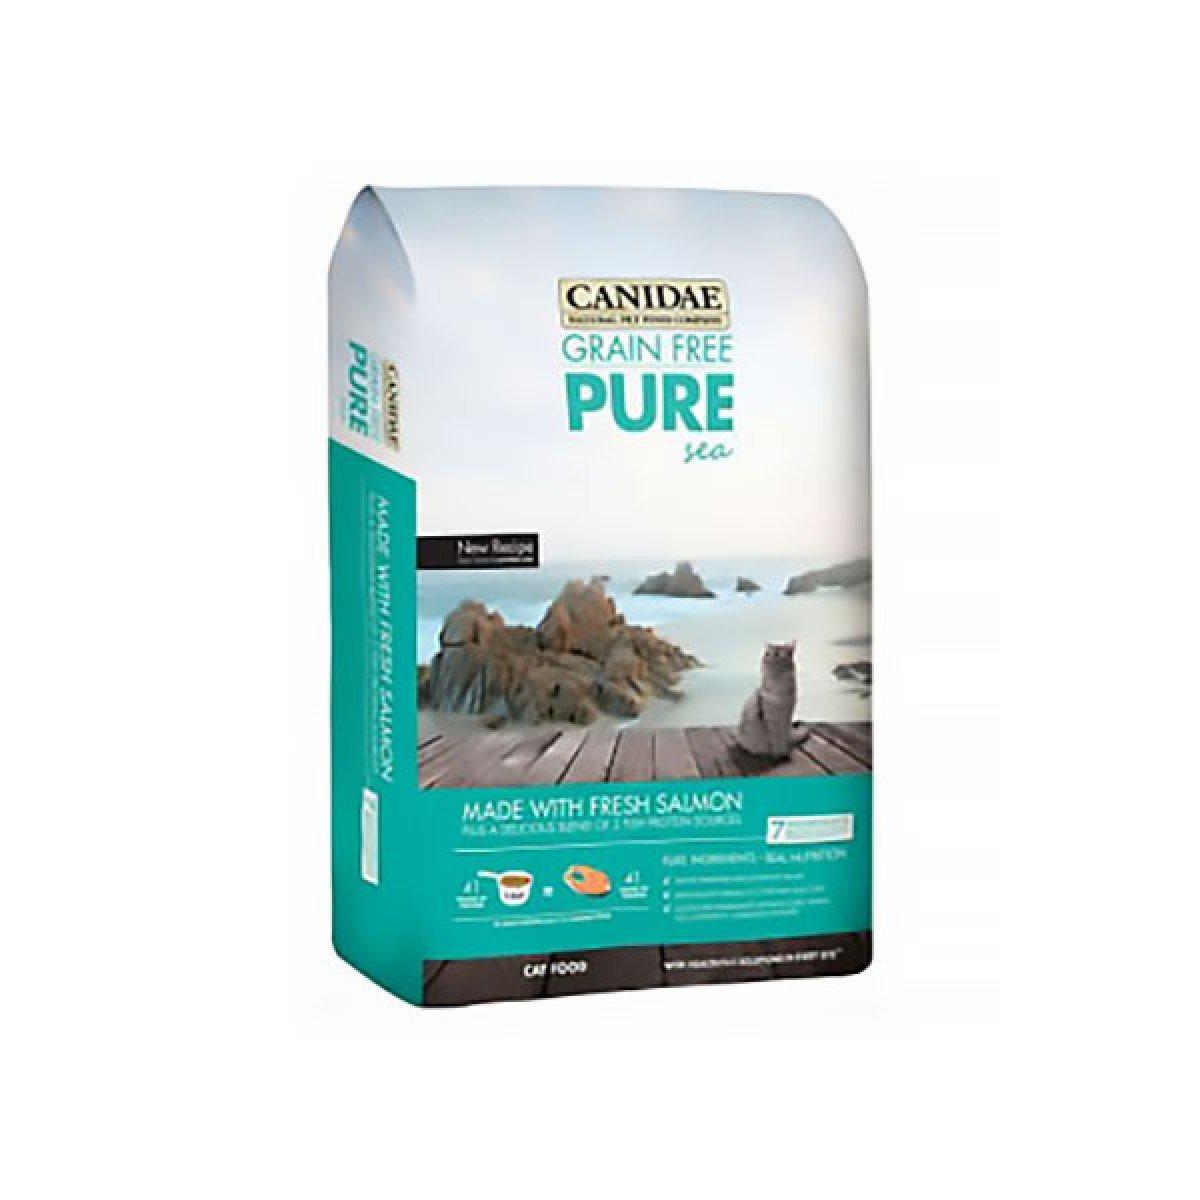 C-Pure Sea Gluten-free Marine formula Salmon whole cat food 5lb [exp:2020-06]